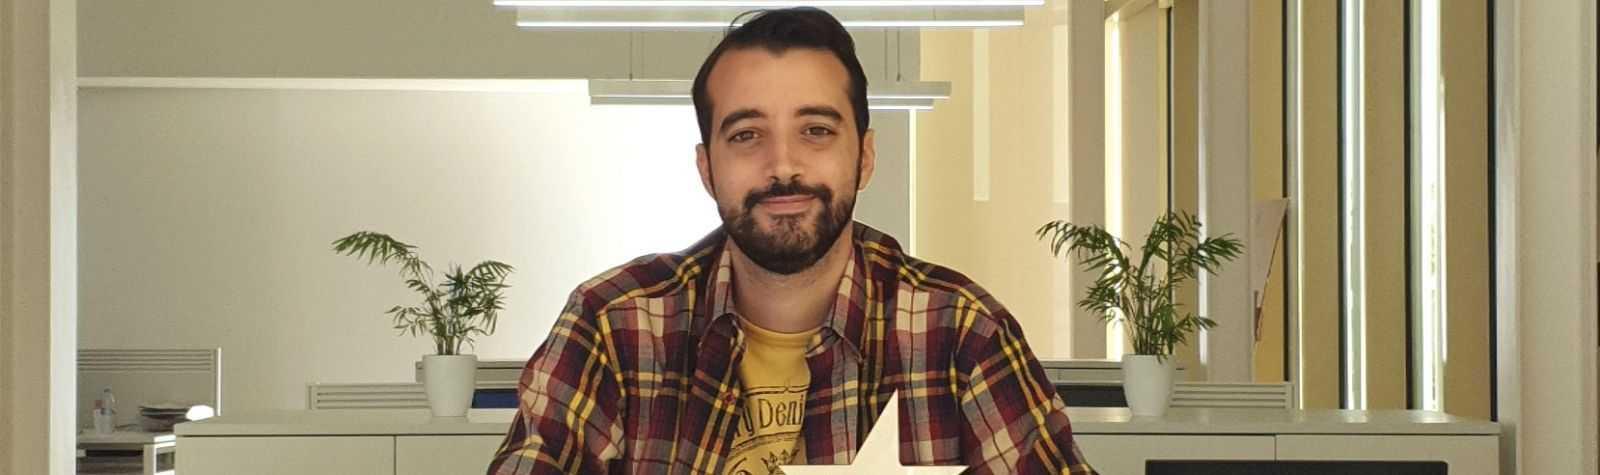 Looije, reconocida como 'Mejor YouTube' del sector hortofrutícola en España